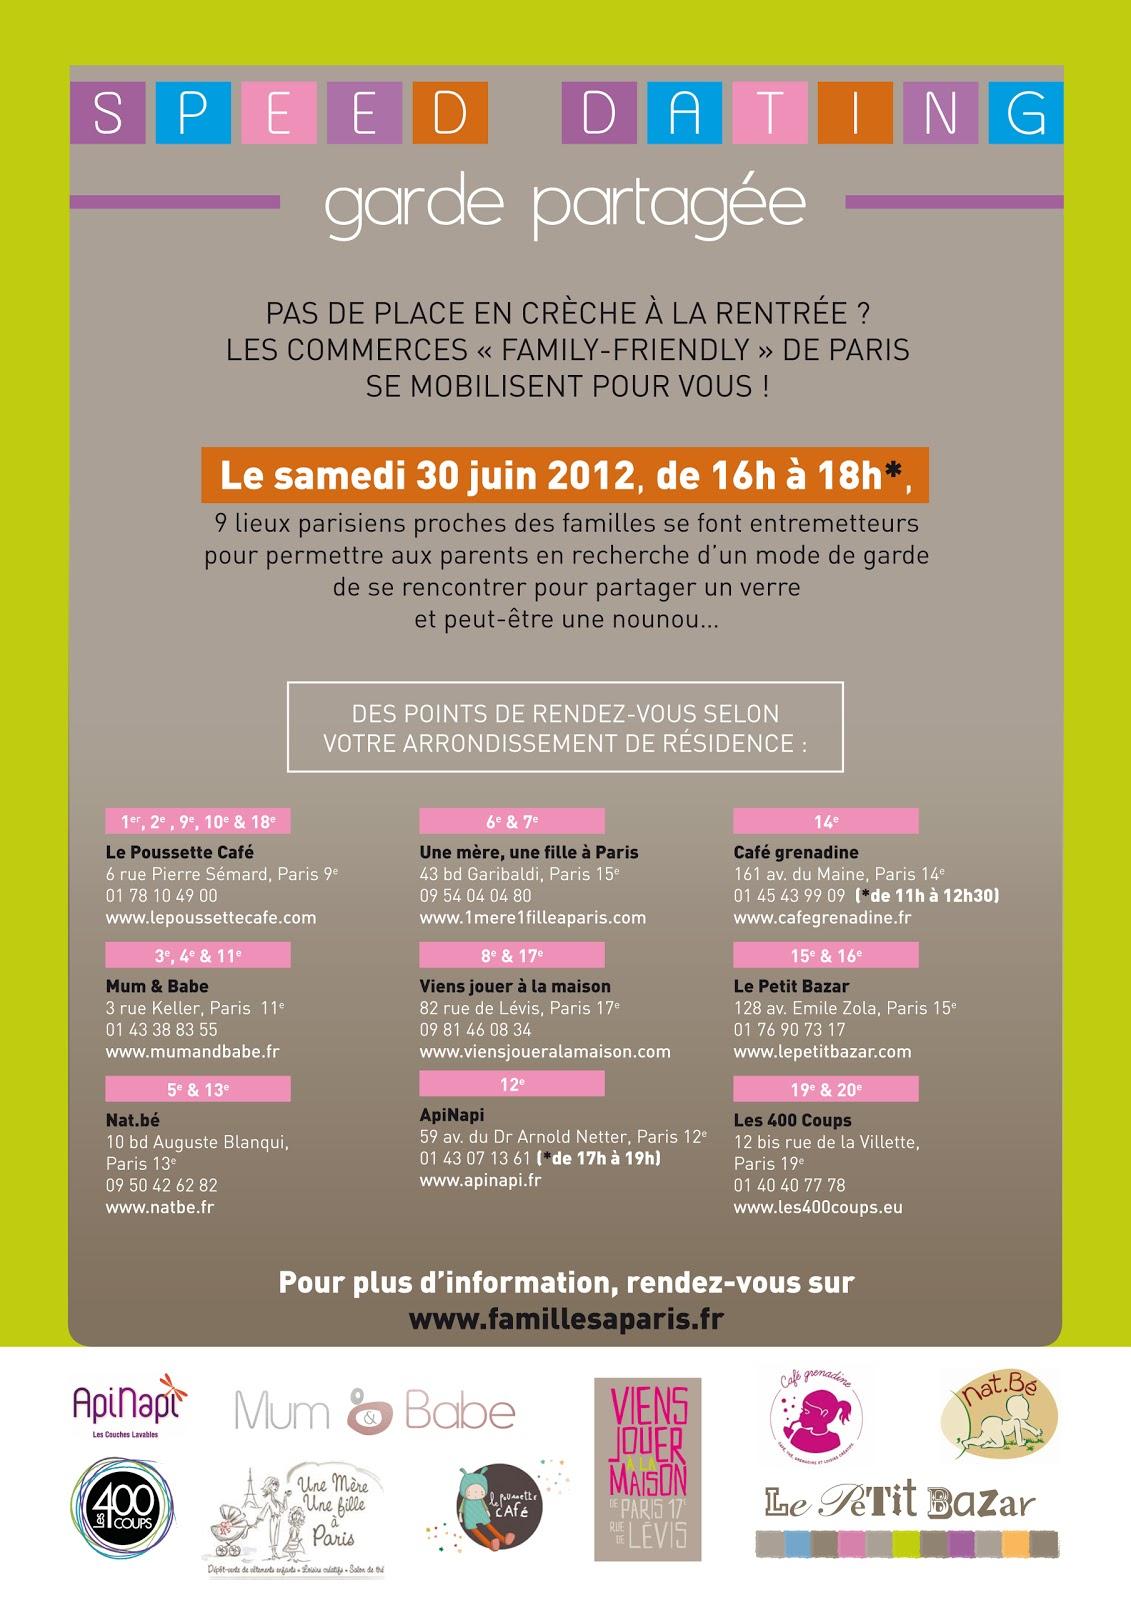 soirge speed dating paris mercredi Rencontres à paris, speed dating entre hommes et femmes célibataires à paris,  célibataires de paris, soirée  le mercredi 19 septembre 2018 à 20h00.